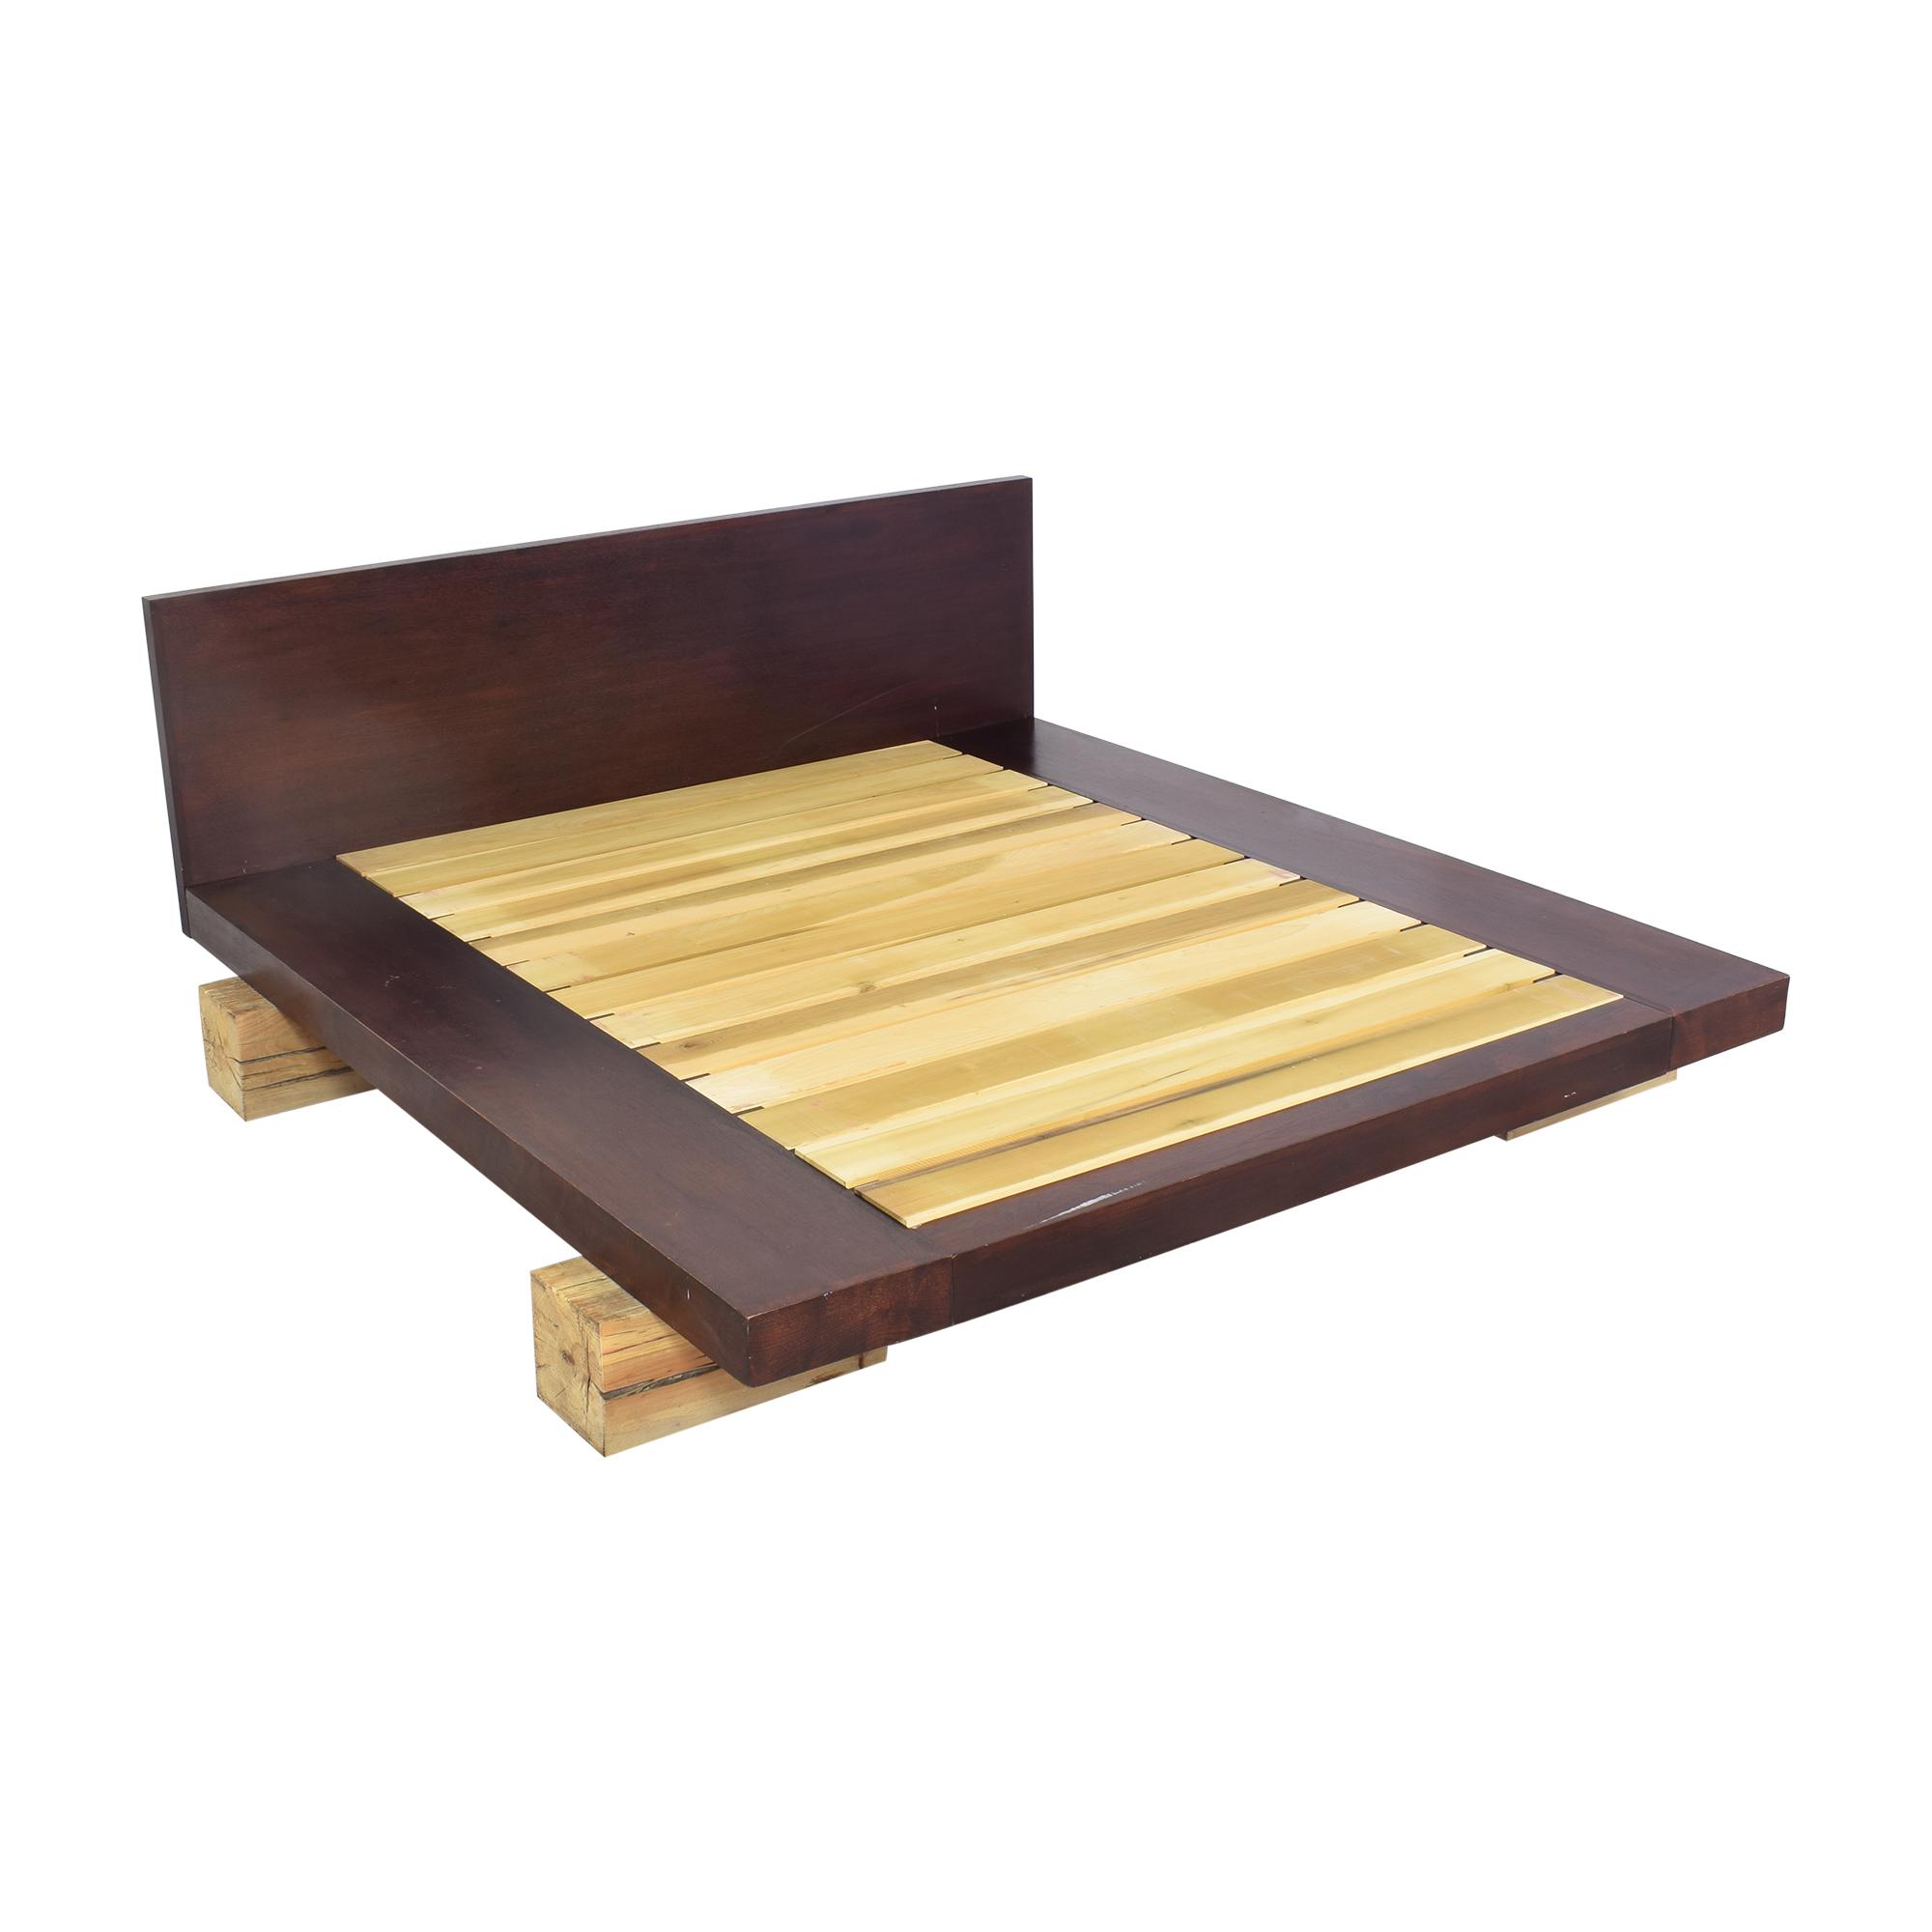 ABC Carpet & Home ABC Carpet & Home Railroad Tie Platform Bed Beds